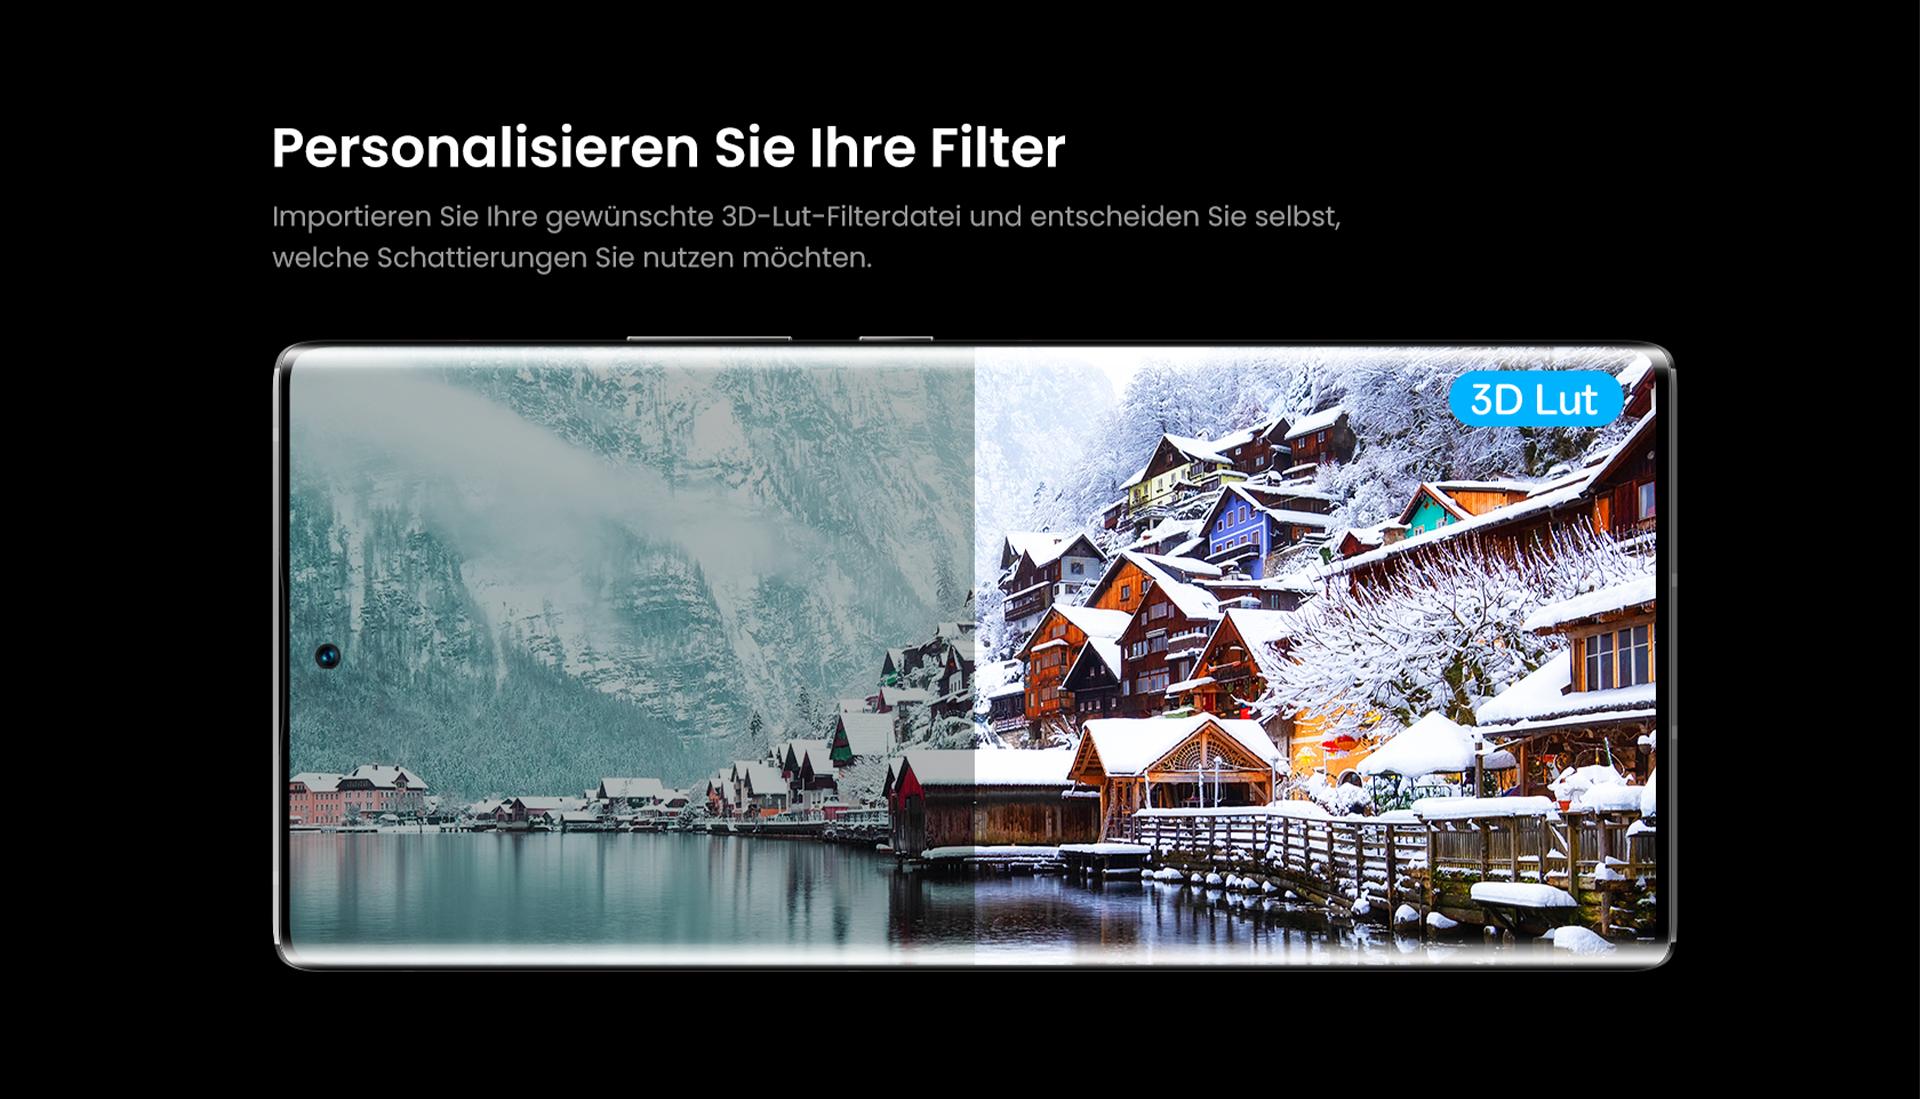 Personalisieren Sie Ihre Filter mit dem ZTE Axon 30 Ultra - Importieren Sie Ihre gewünschte 3D-Lut-Filterdatei und entscheiden Sie selbst, welche Schattierungen Sie nutzen möchten